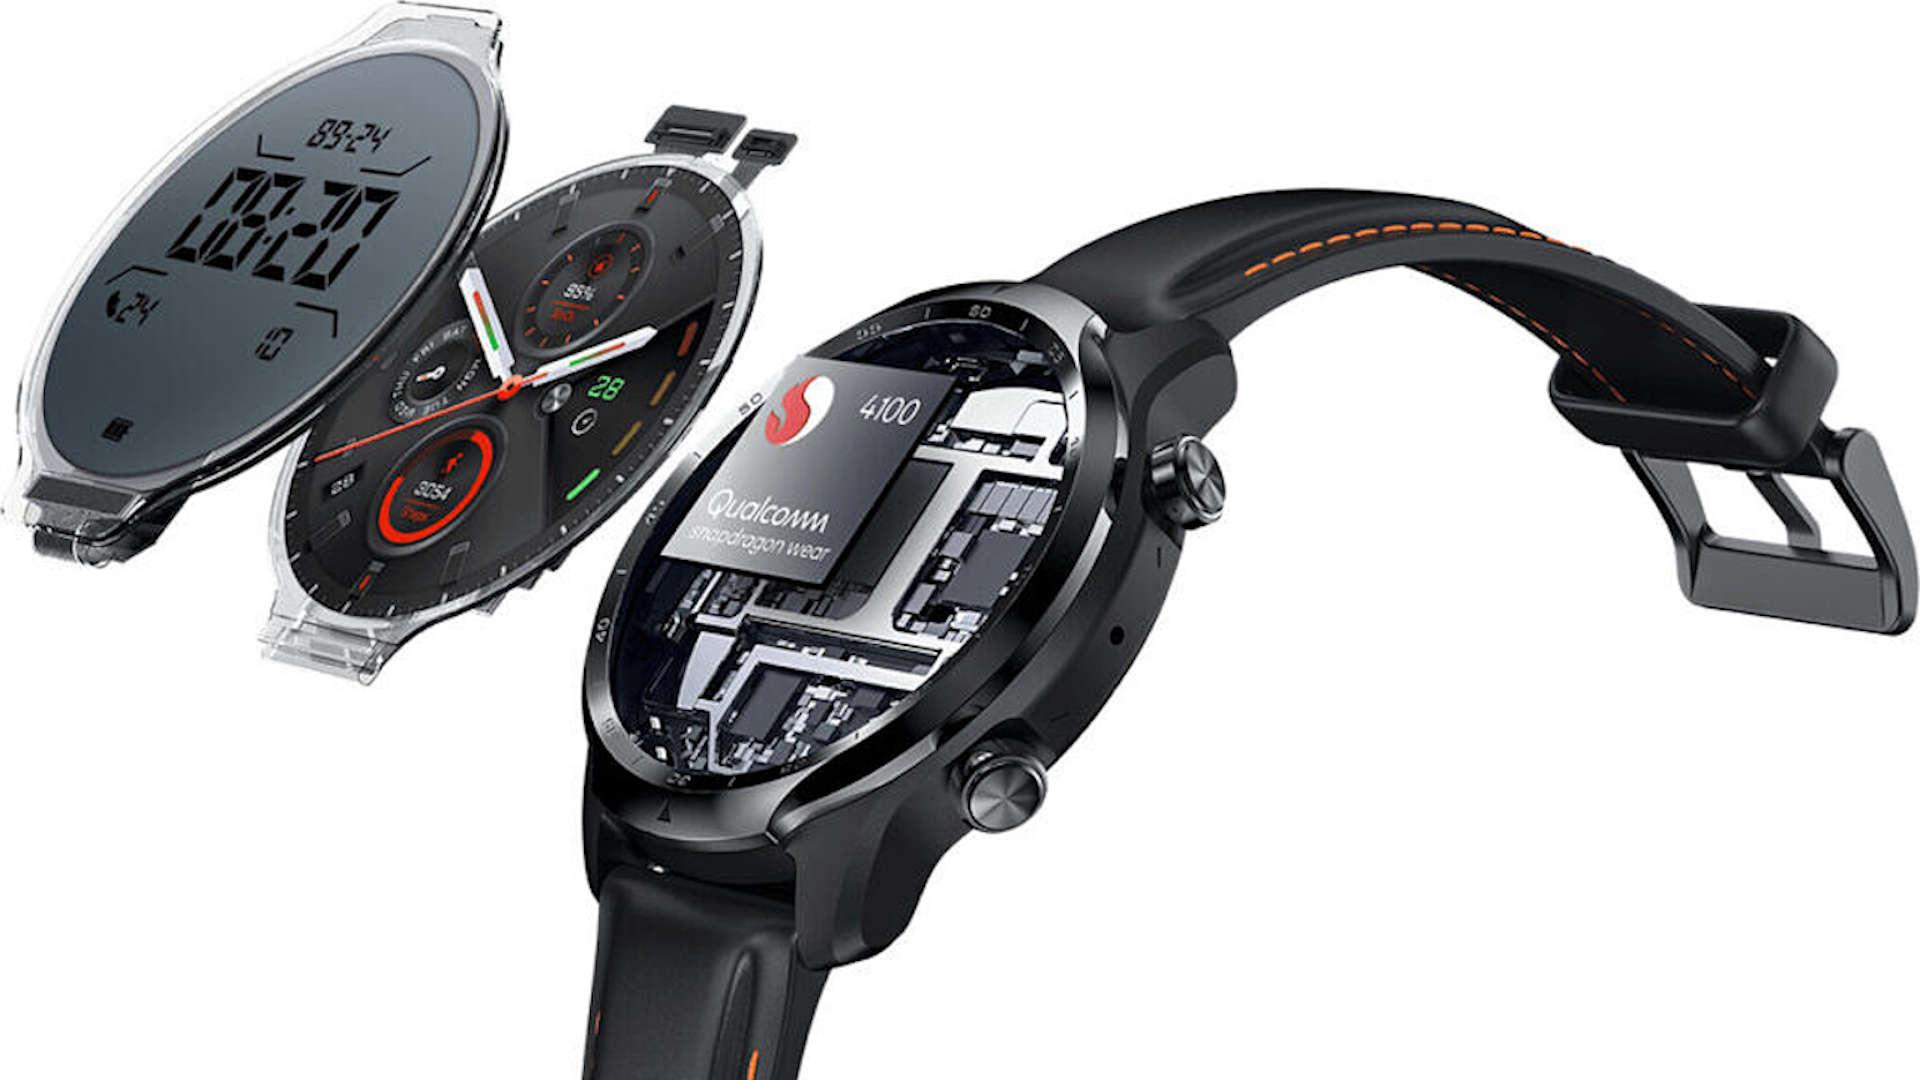 Ticwatch Pro 3 montre gps - Test & Avis - Mon GPS Avis.fr